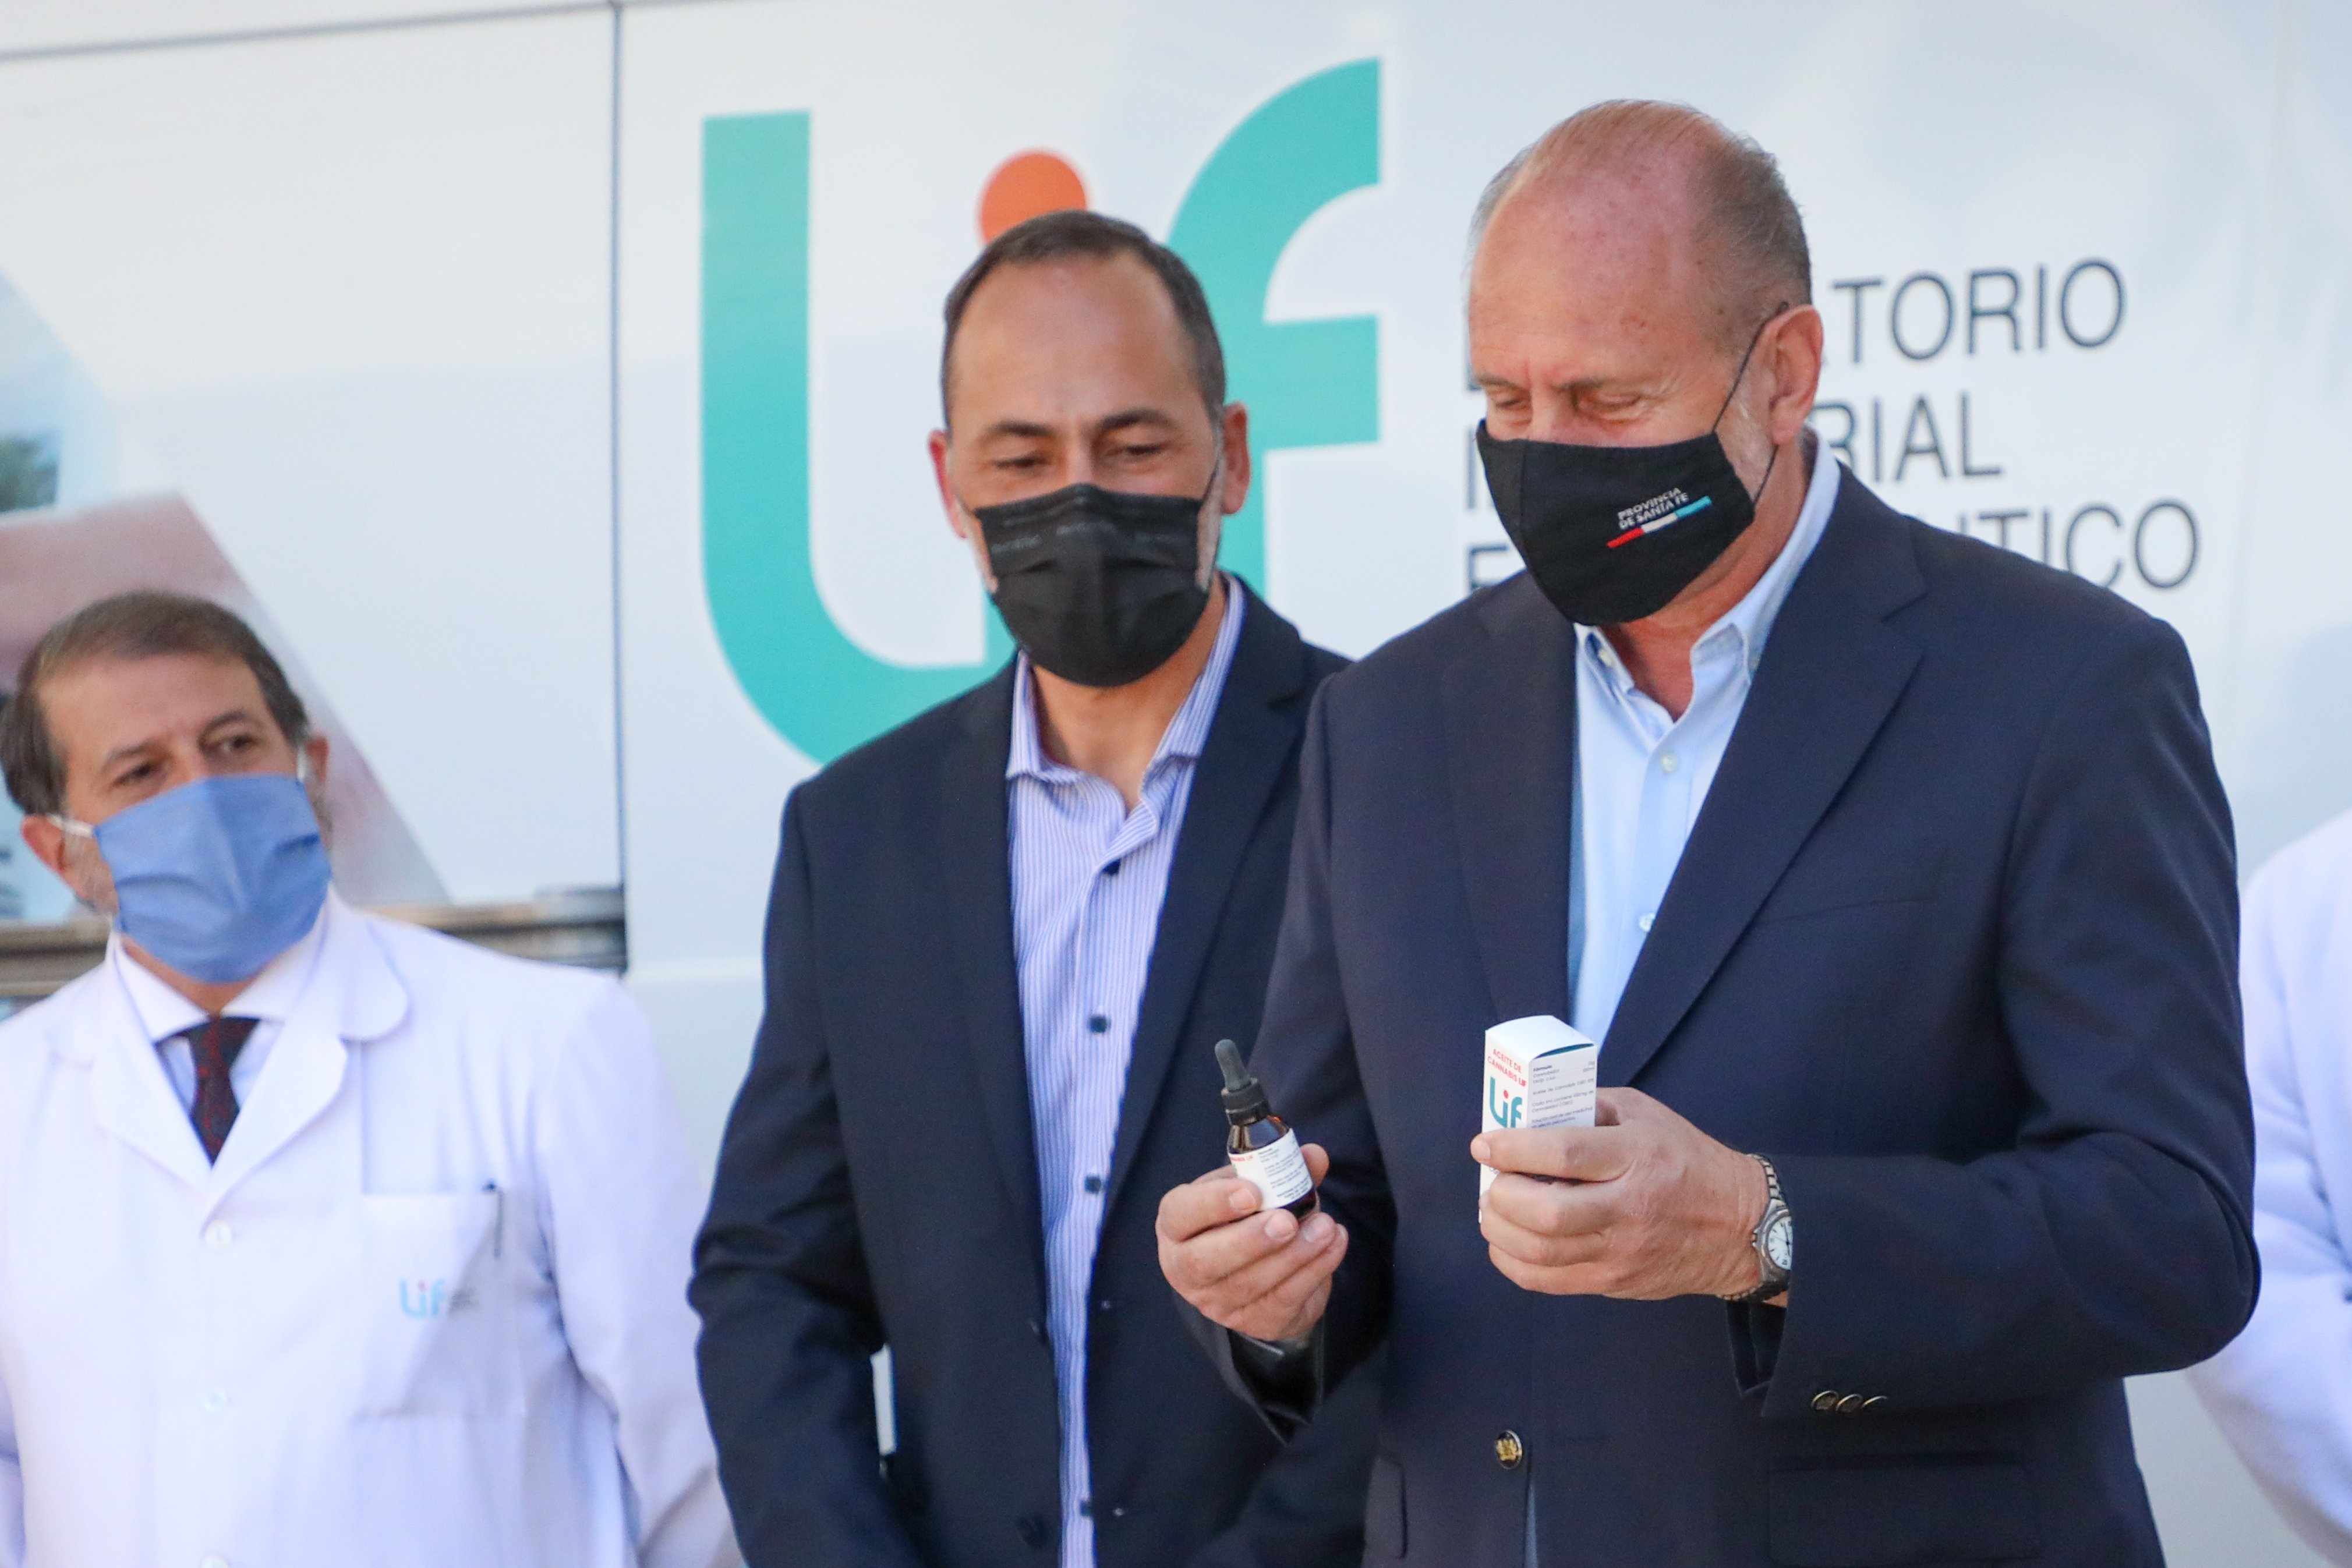 Un laboratorio público de Santa Fe presentó el primer lote de aceite de cannabis medicinal